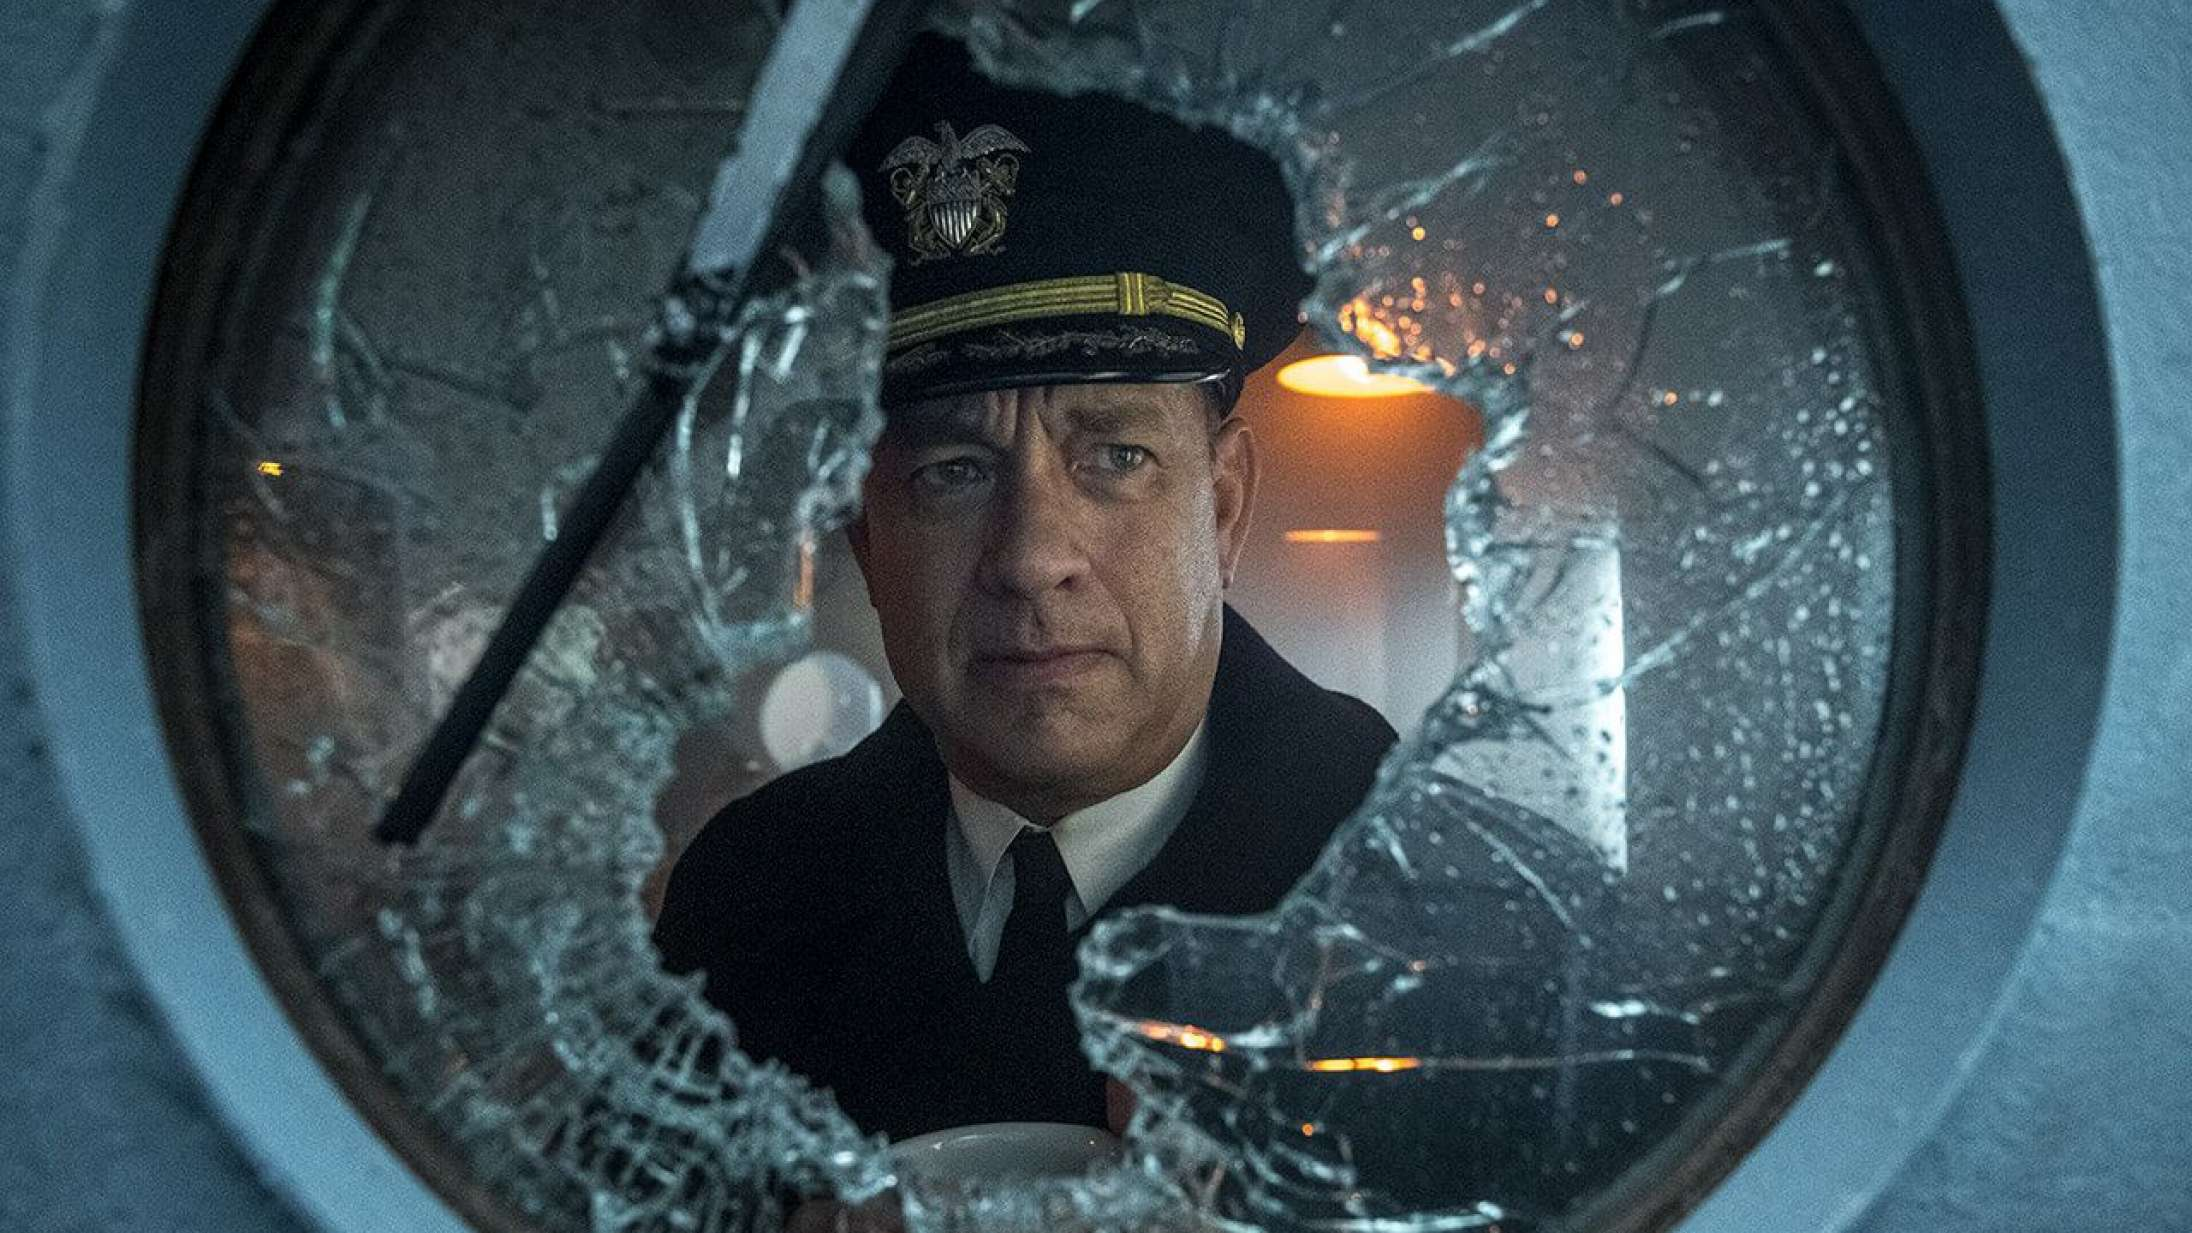 'Greyhound': Nervepirrende søslagsthriller med Tom Hanks er kontant og medrivende underholdning